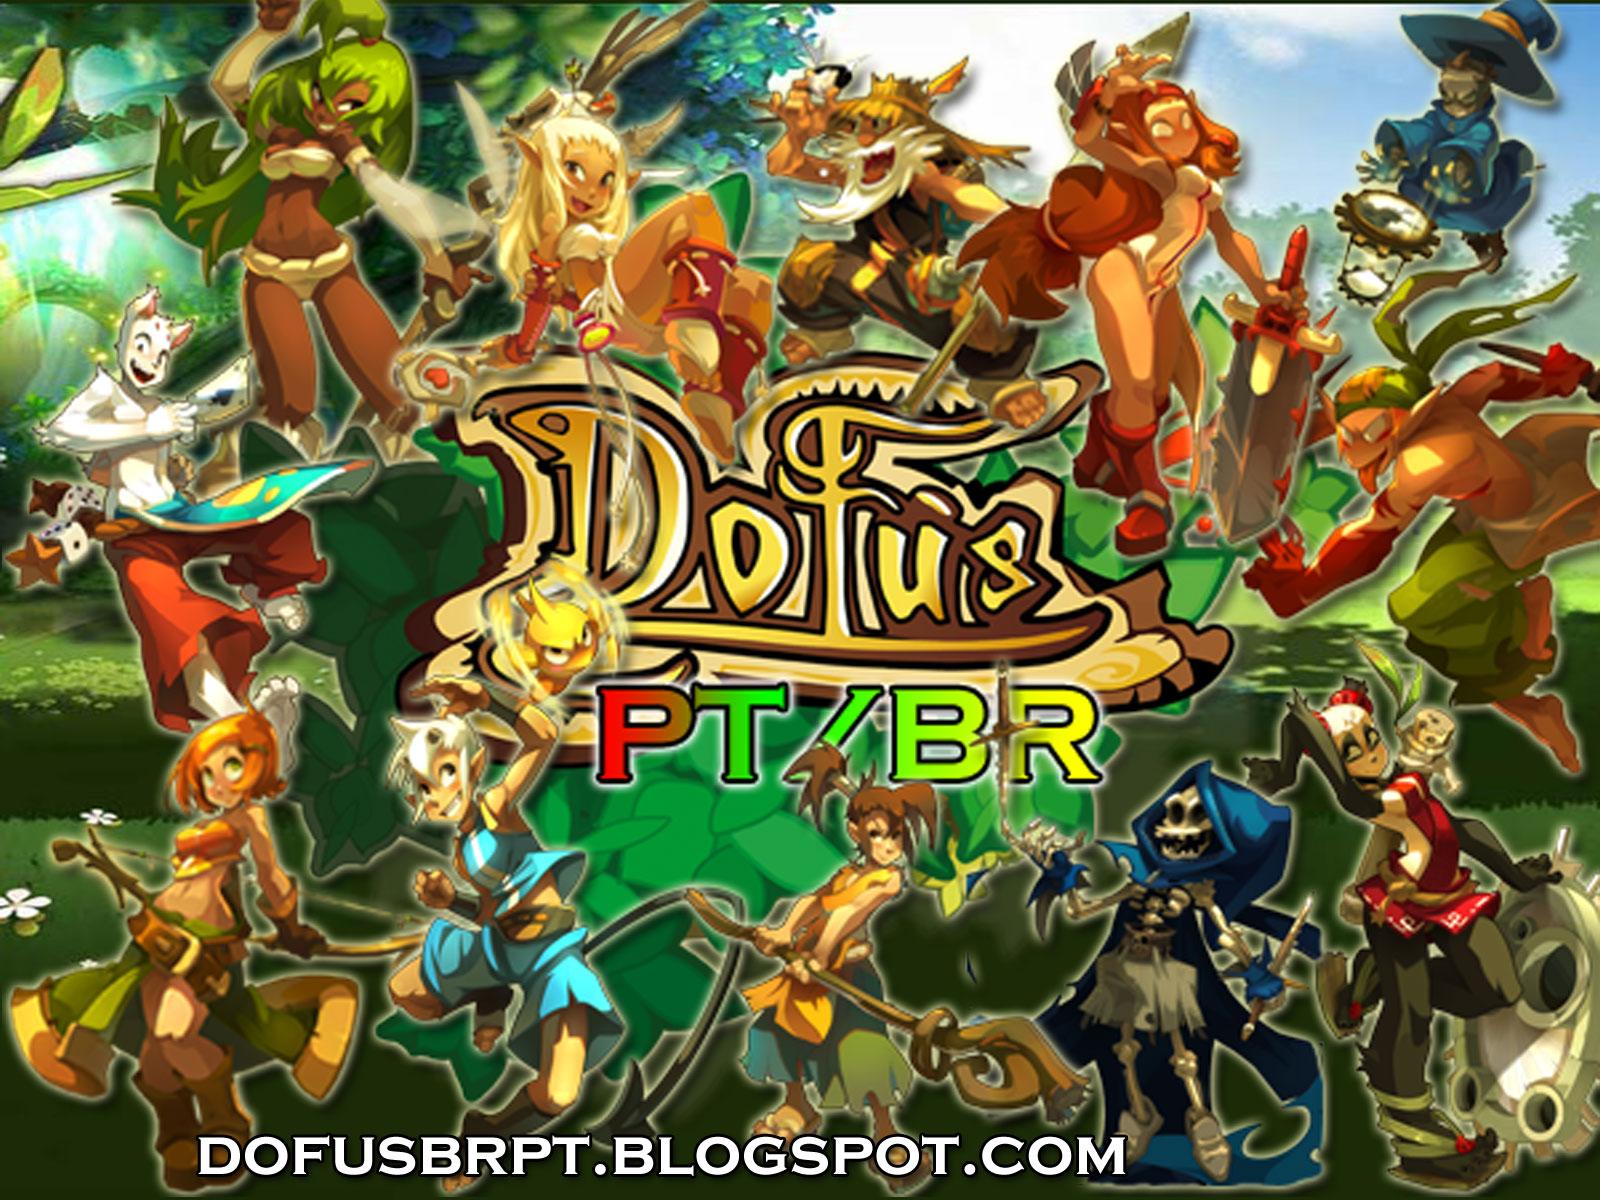 http://1.bp.blogspot.com/-dMZUXOVE9pc/TZoZcBeq8BI/AAAAAAAAD2E/Dcora6phATs/s1600/wallpapergr.jpg